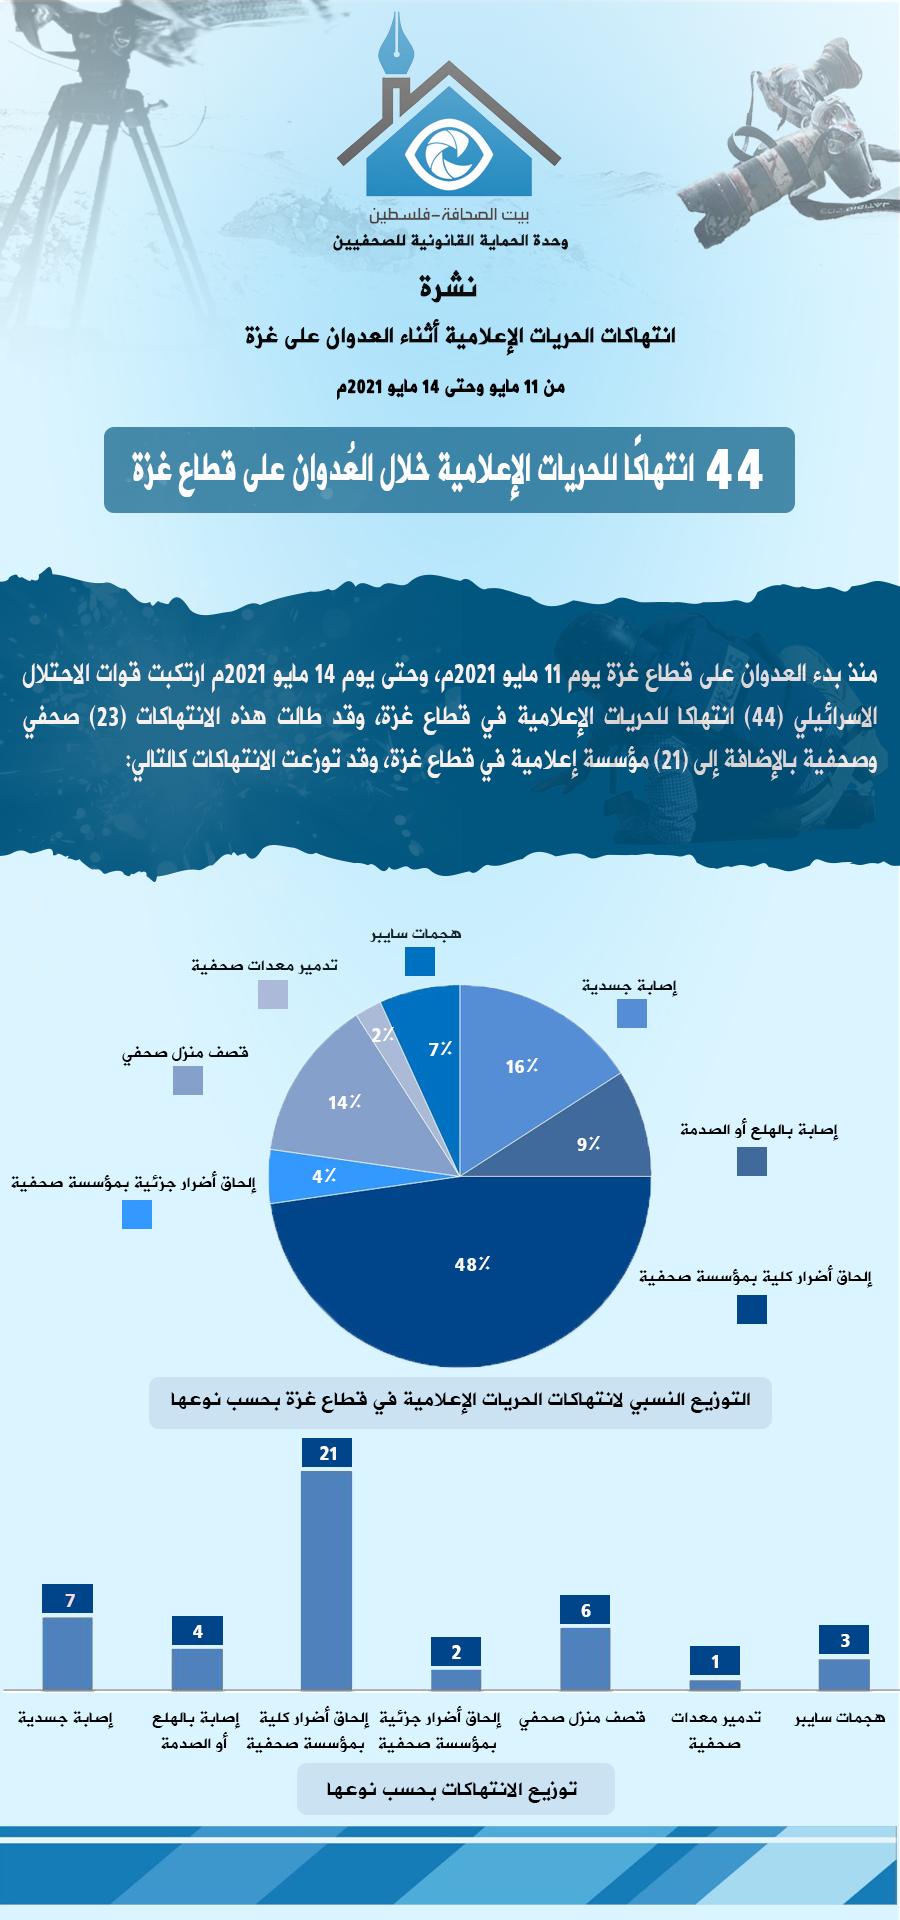 نشرة الانتهاكات خلال العدوان على غزة - عربي.png